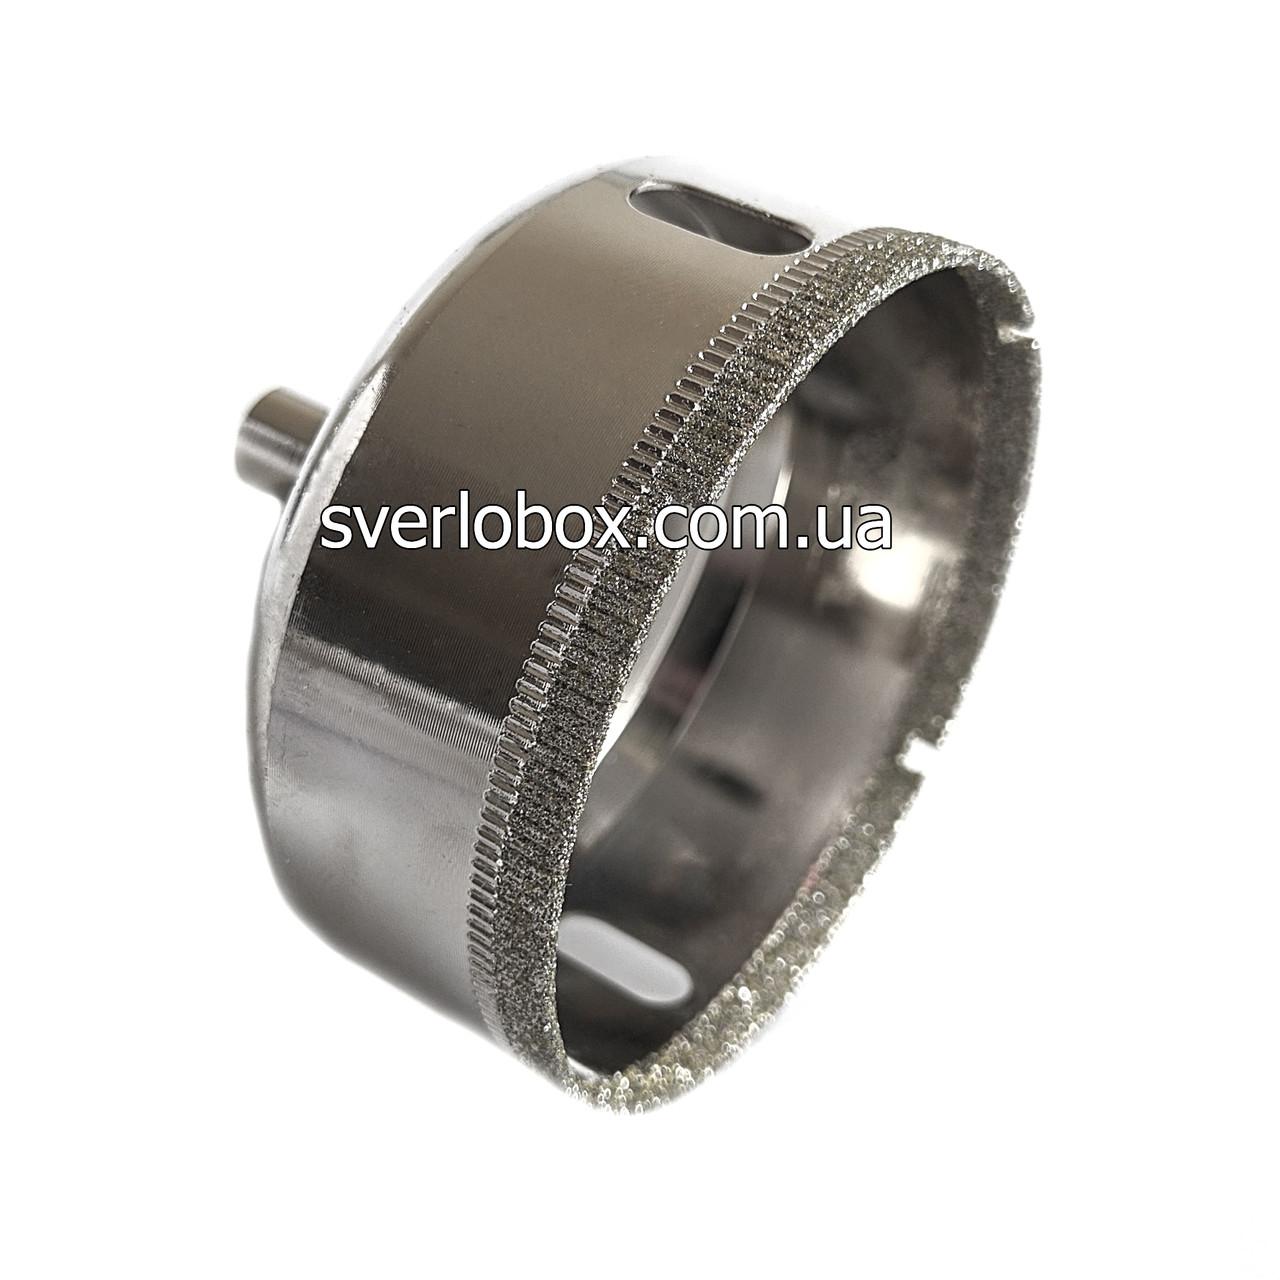 Коронка діамантова 30 мм